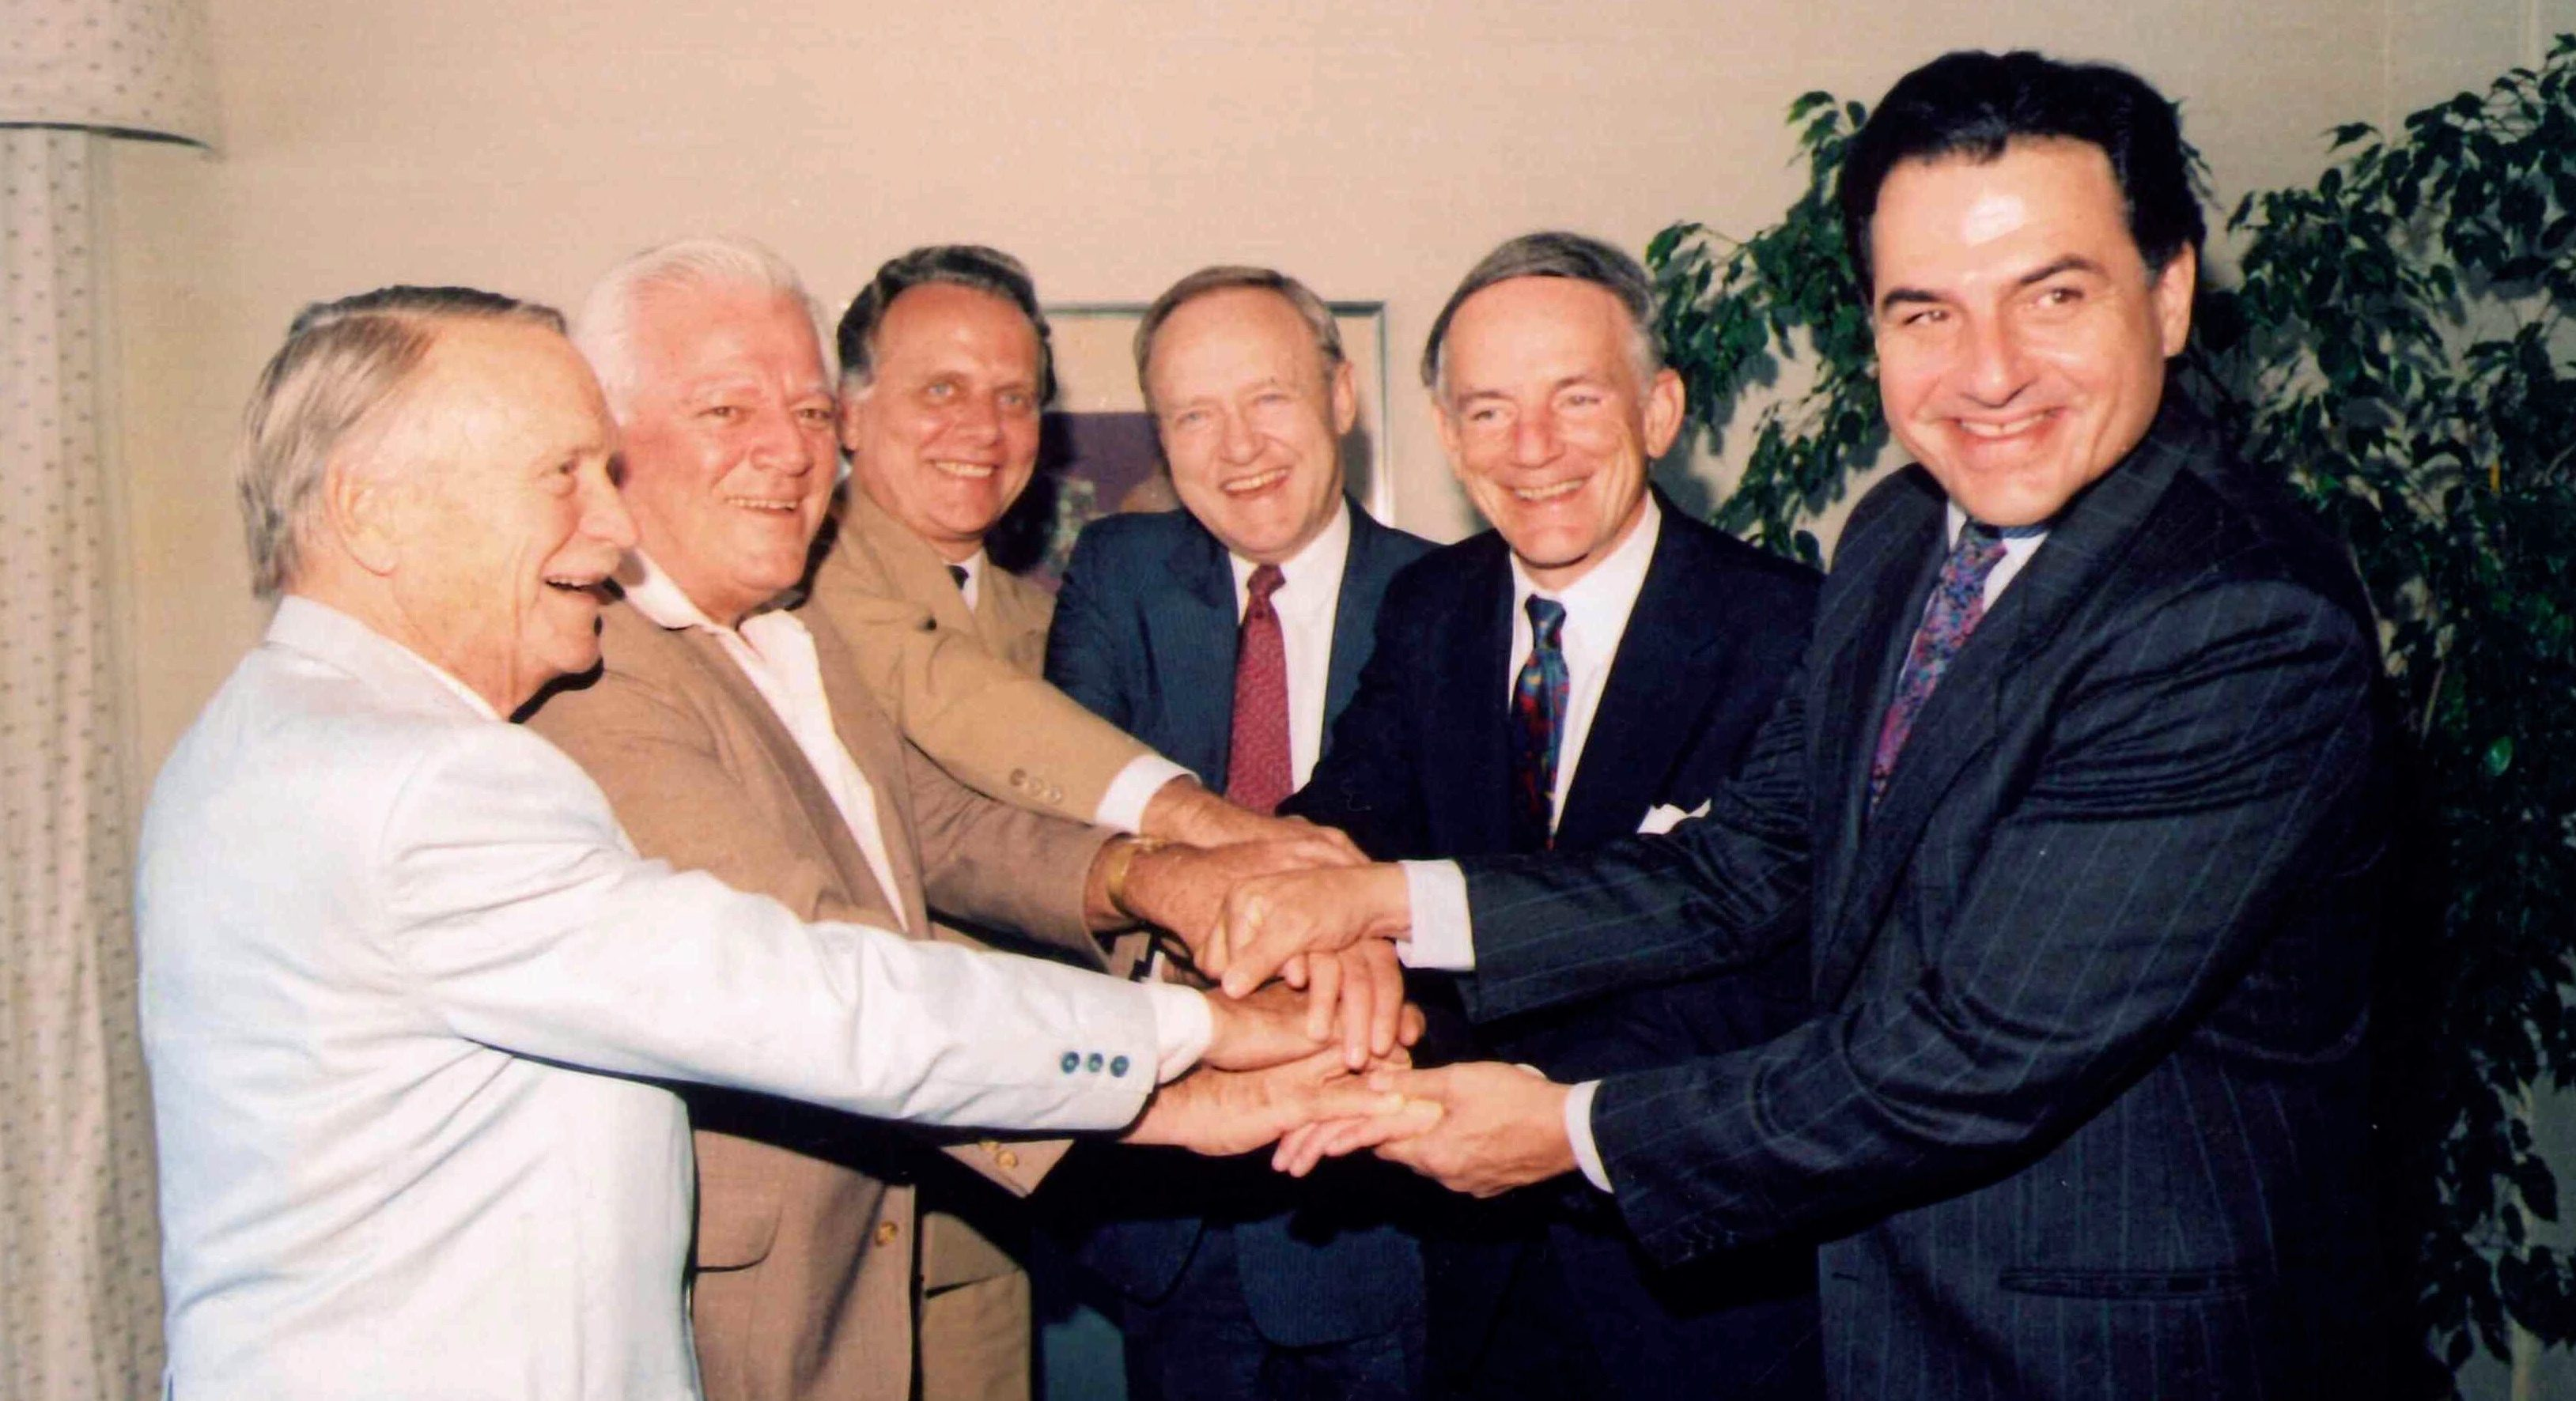 En 1989, En 1972, Rafael Hernández Colón trabajó con líderes políticos locales y congresistas como parte de un proceso plebiscitario. (Suministrada)